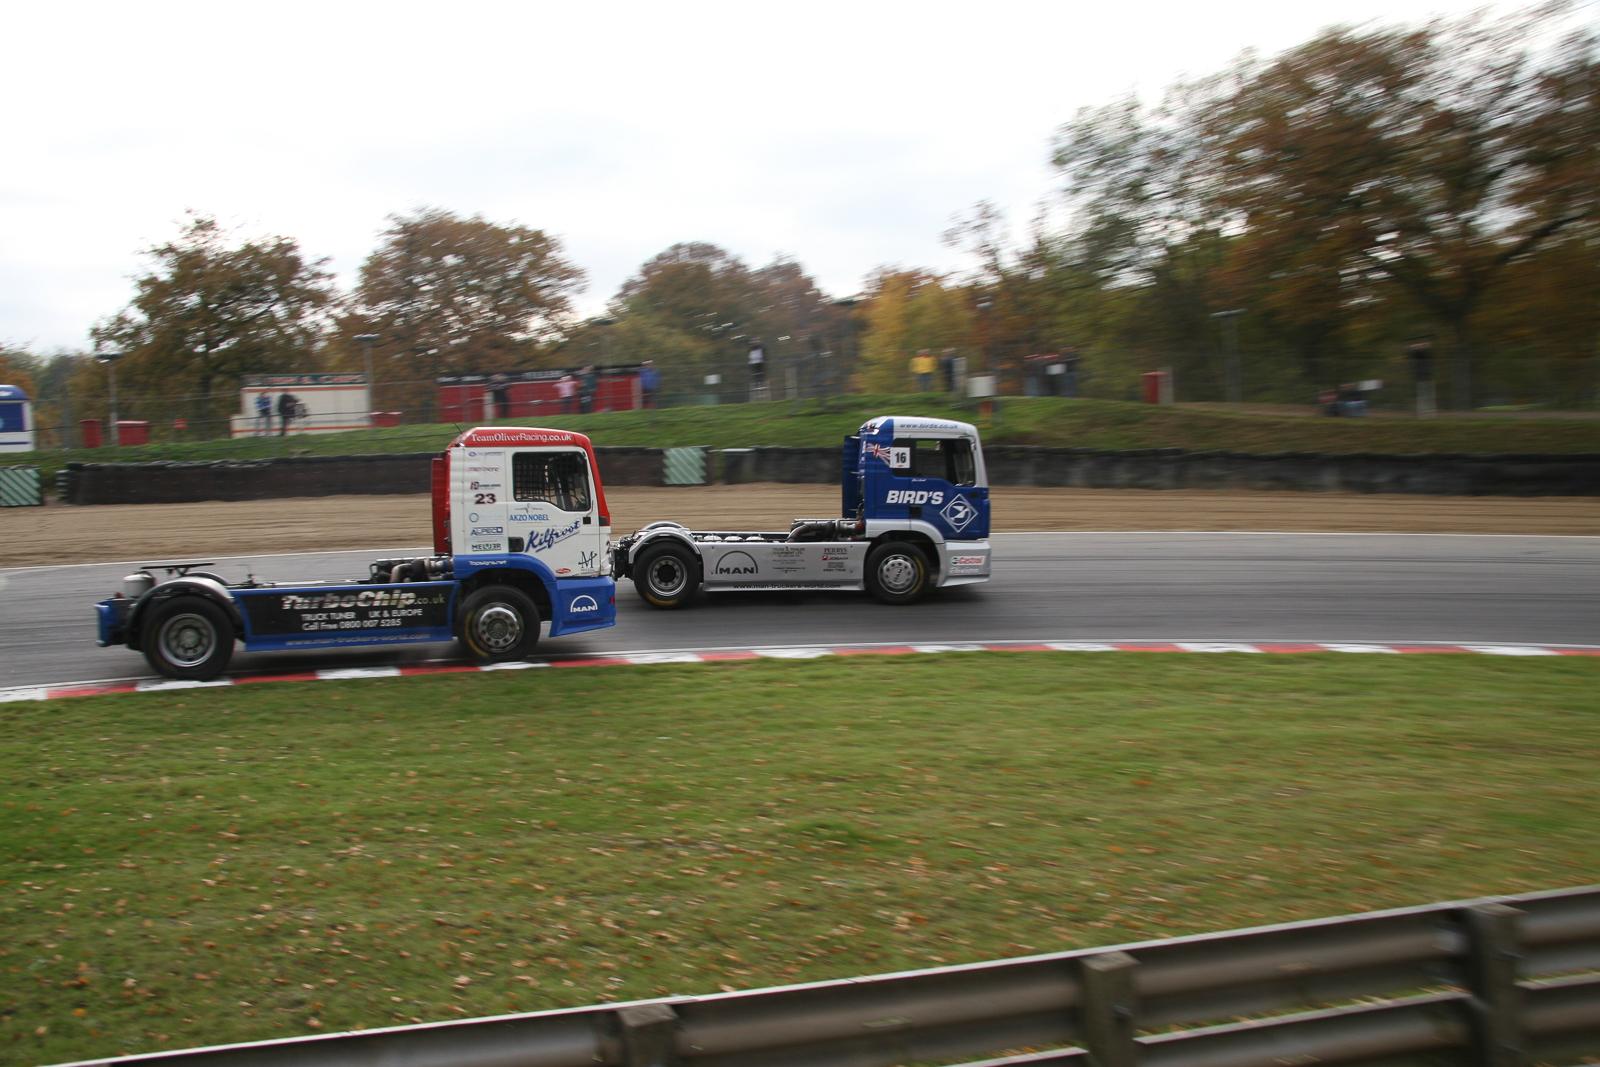 20071103 - Truck Racing Brands -071103 -040